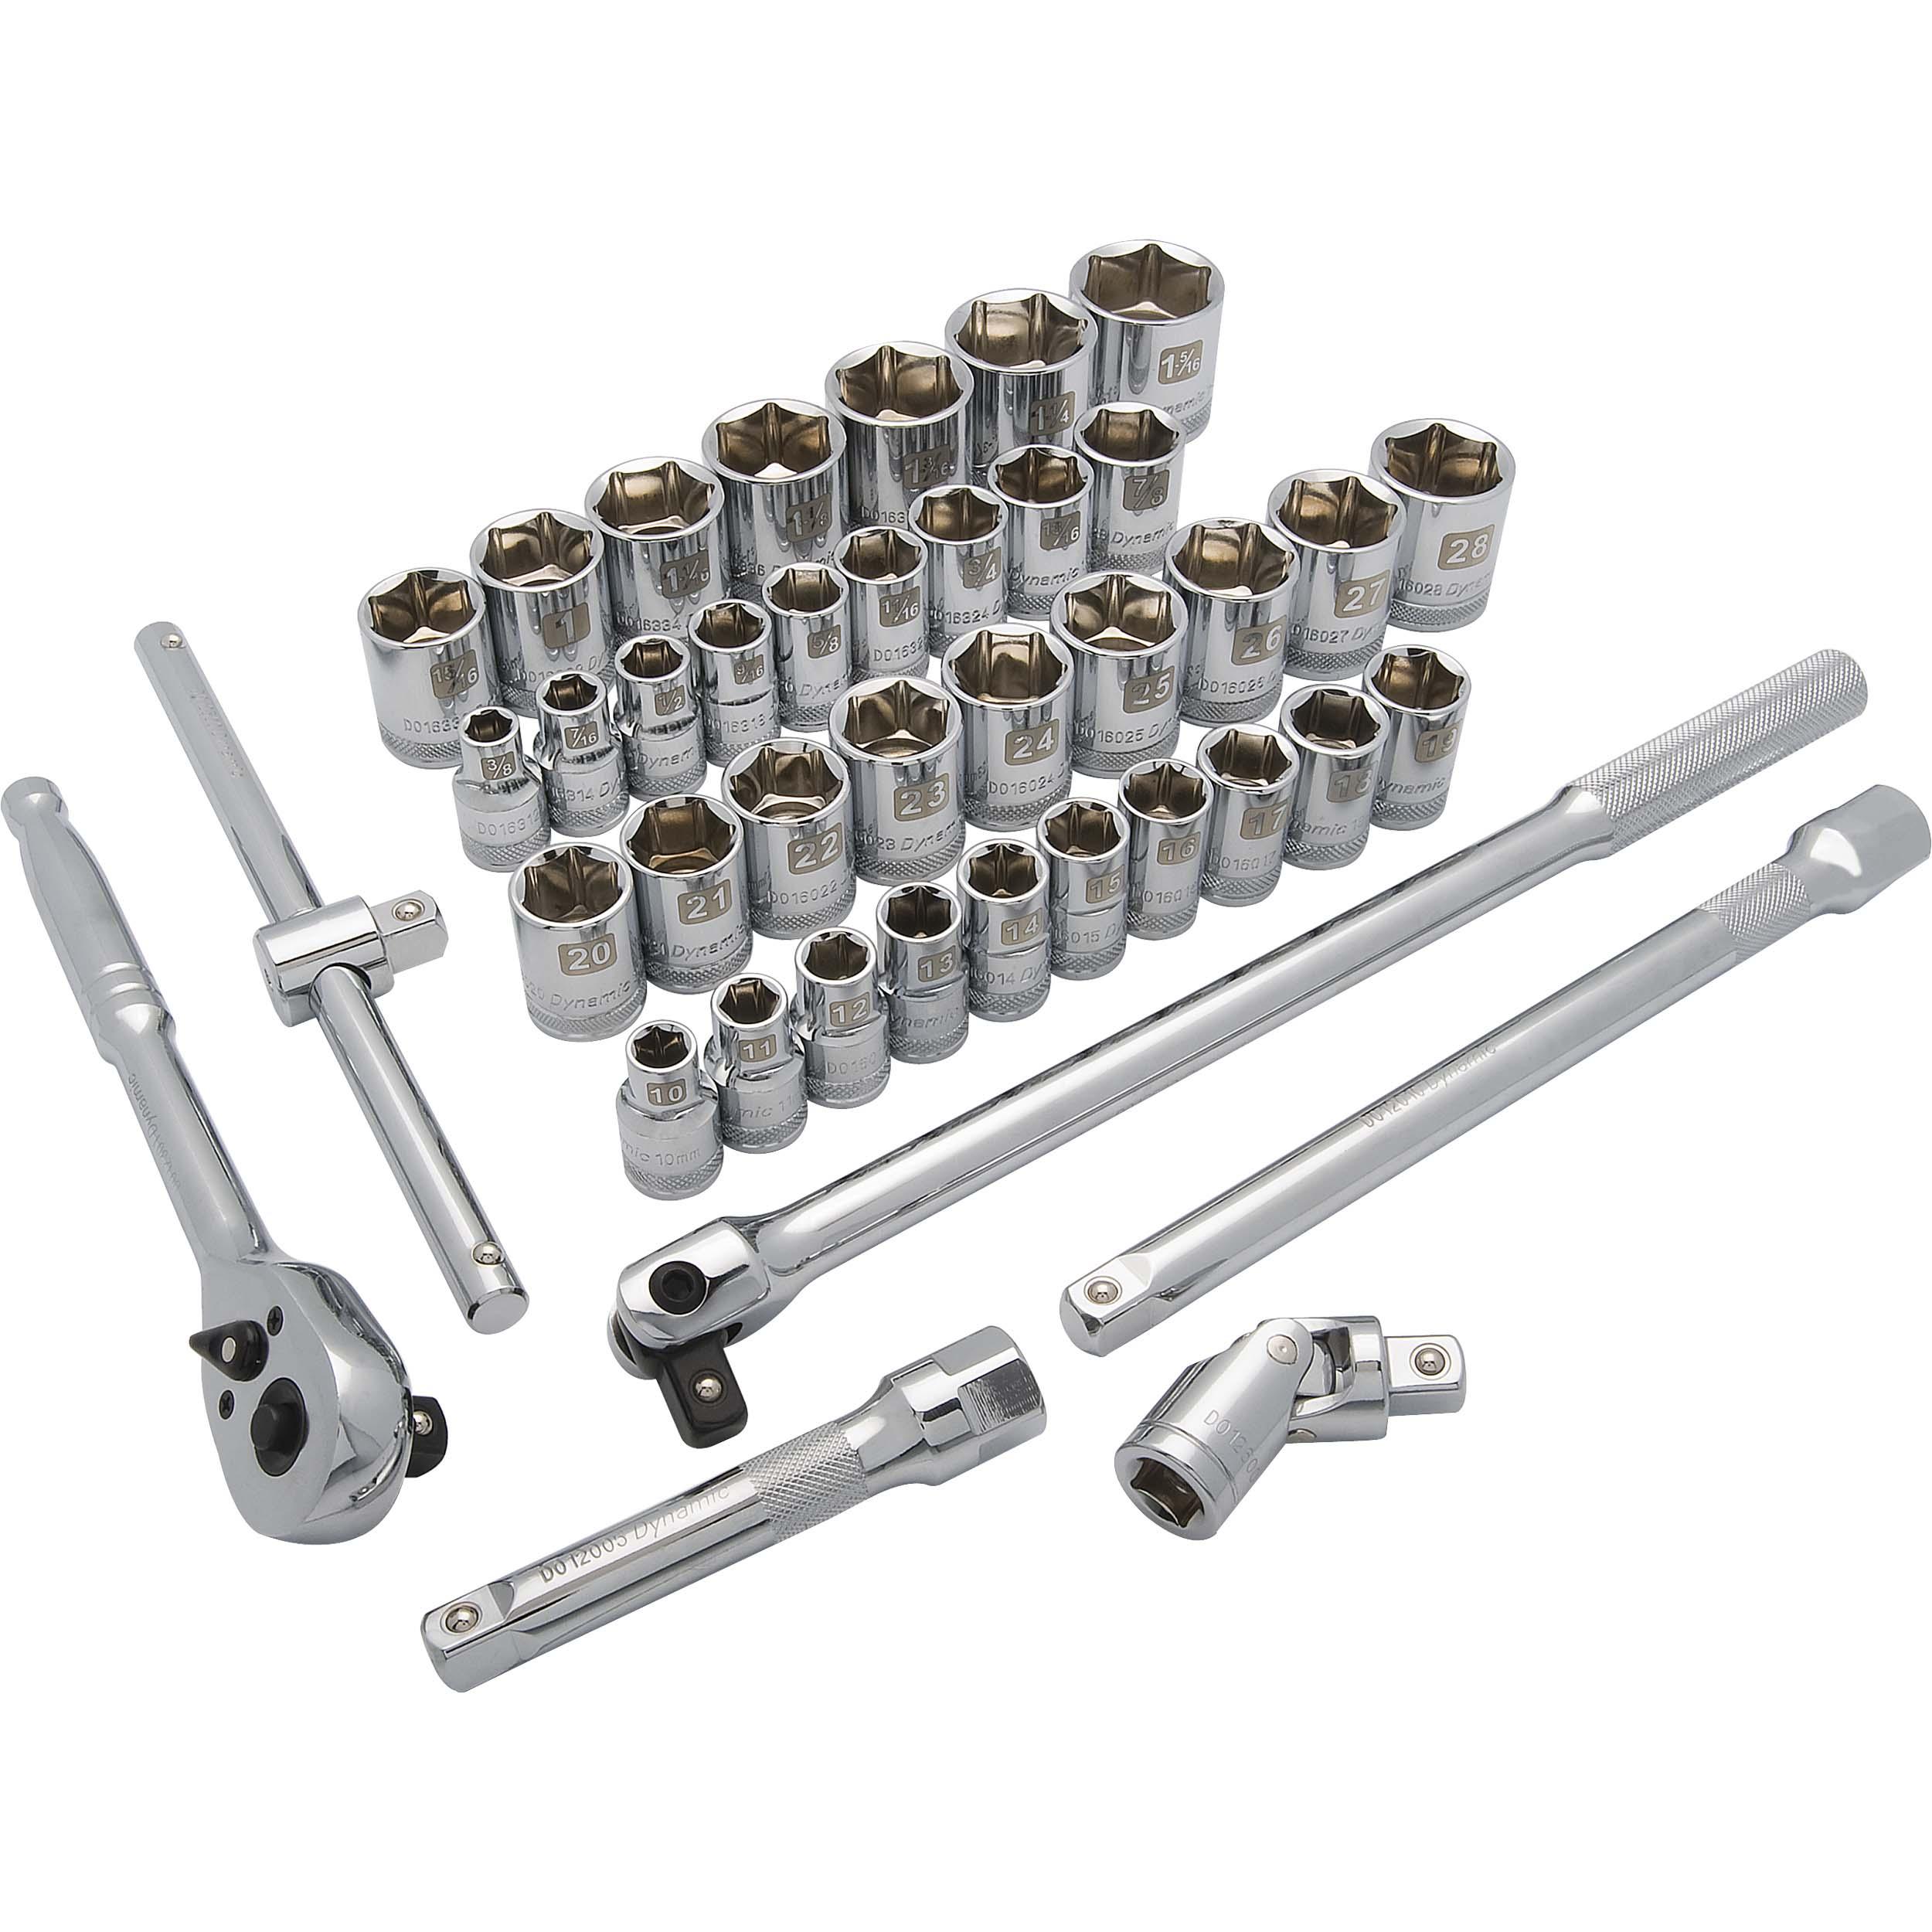 Tools 1/2